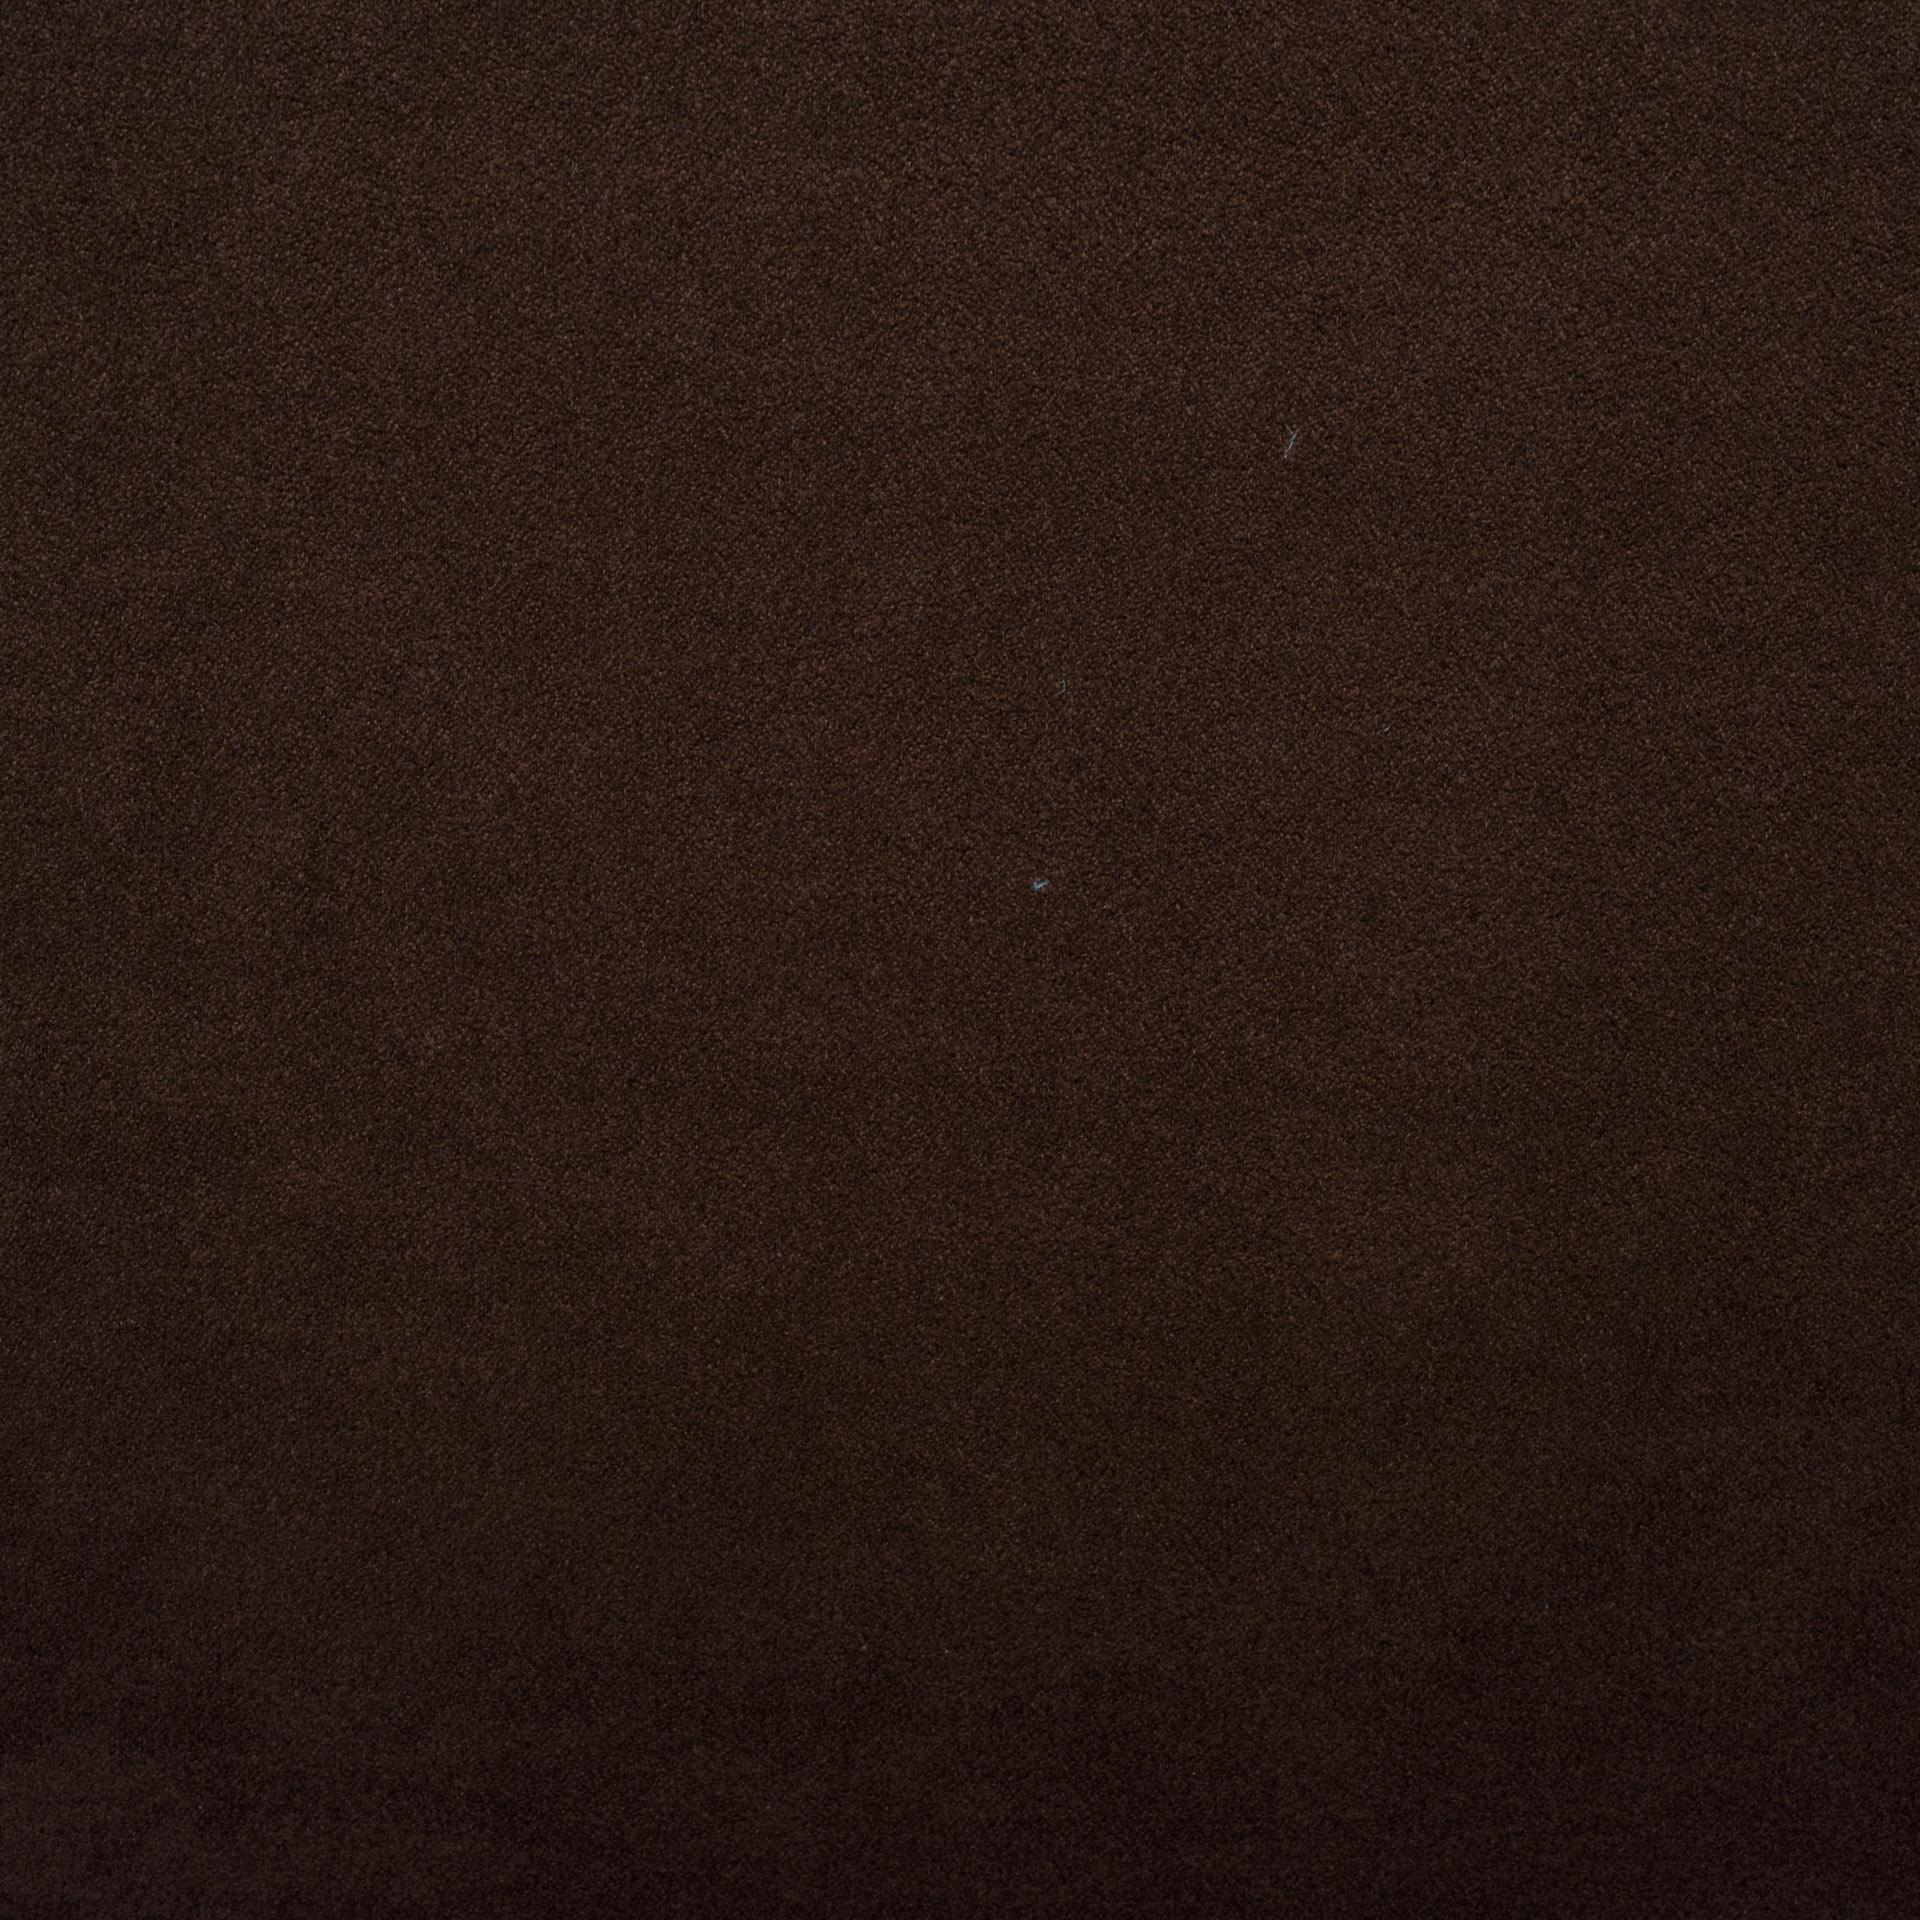 Коллекция ткани Бонд CHOCOLATE 06,  купить ткань Велюр для мебели Украина